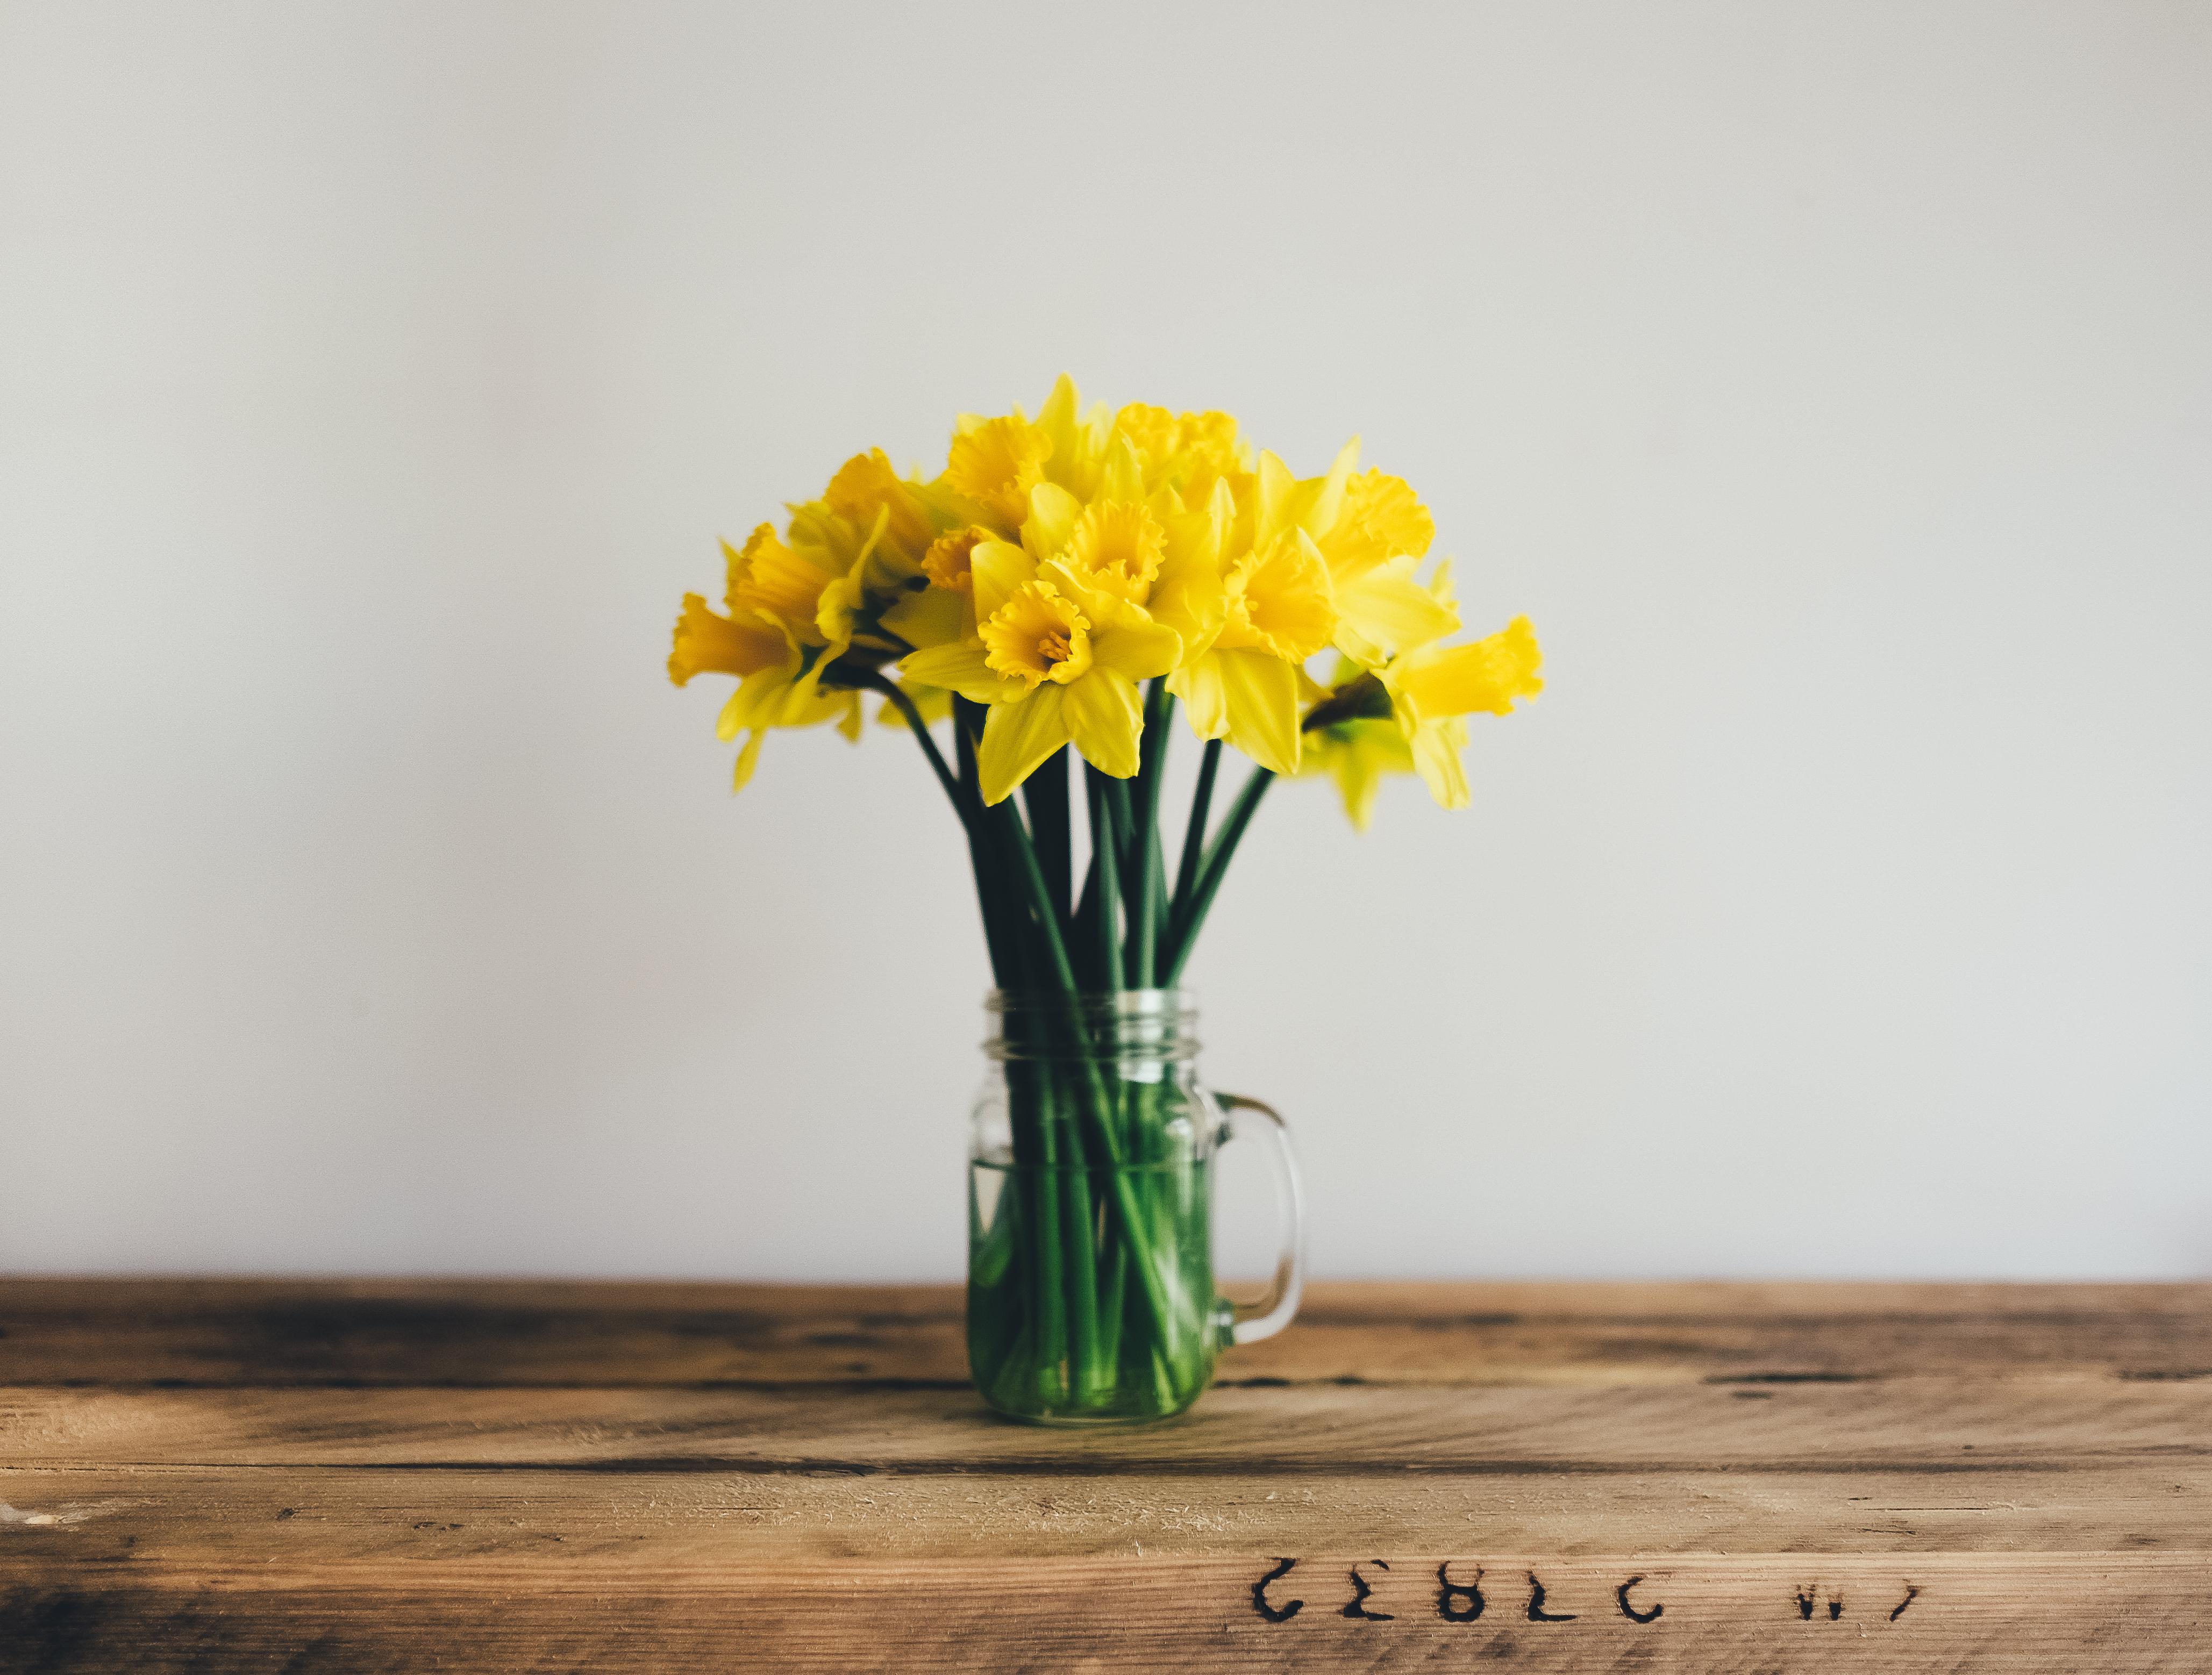 98981 Заставки и Обои Нарциссы на телефон. Скачать Цветы, Нарциссы, Букет, Ваза картинки бесплатно